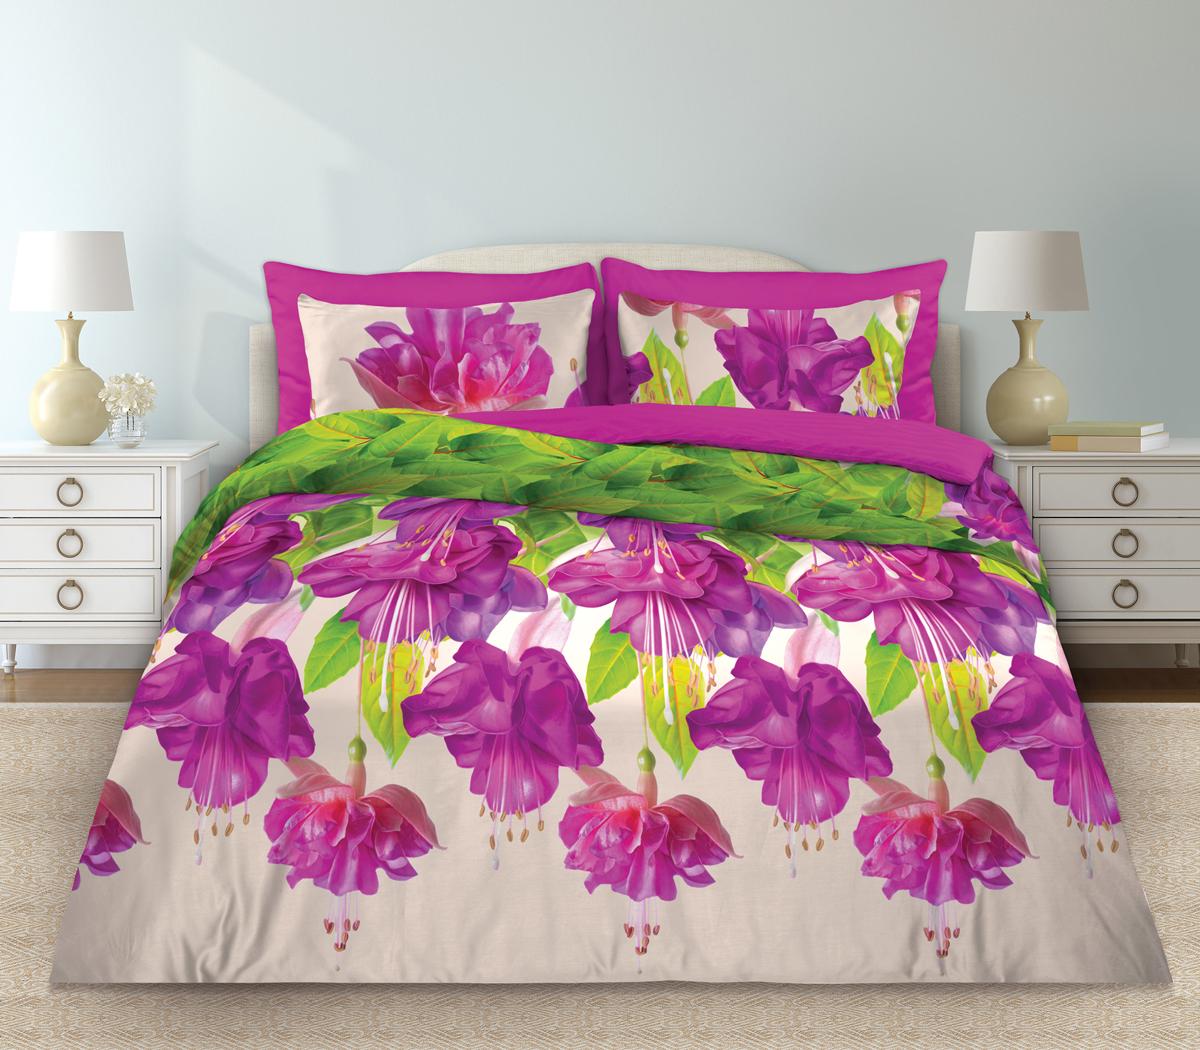 Комплект белья Любимый дом Фуксия, 1,5-спальный, наволочки 70х70879-1Комплект постельного белья коллекции Любимый дом выполнен из высококачественной ткани - из 100% хлопка. Такое белье абсолютно натуральное, гипоаллергенное, соответствует строжайшим экологическим нормам безопасности, комфортное, дышащее, не нарушает естественные процессы терморегуляции, прочное, не линяет, не деформируется и не теряет своих красок даже после многочисленных стирок, а также отличается хорошей износостойкостью.